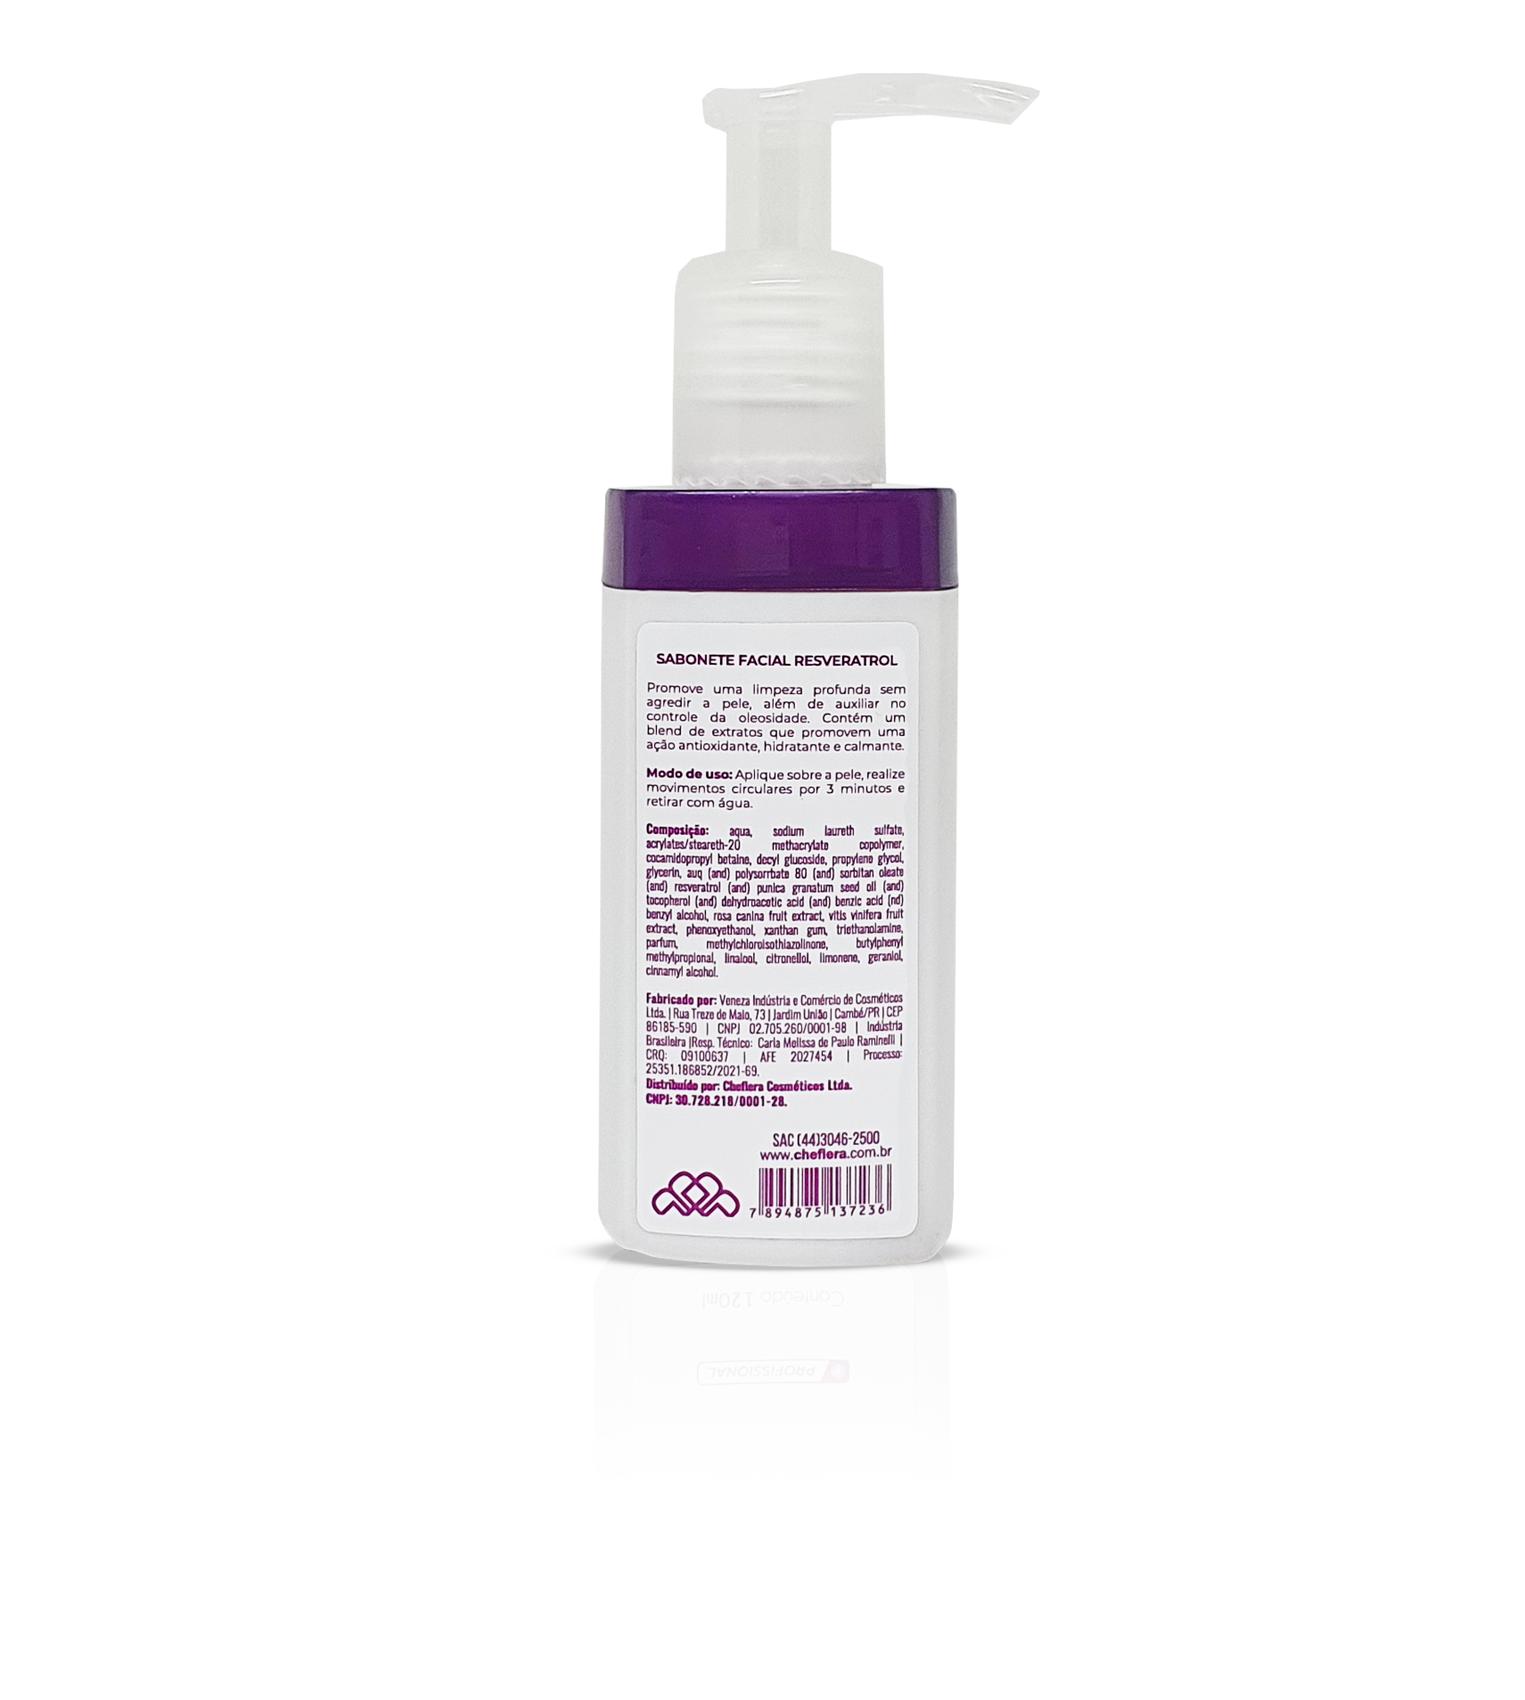 Resverathrol NanoTech | Sabonete Facial Resveratrol